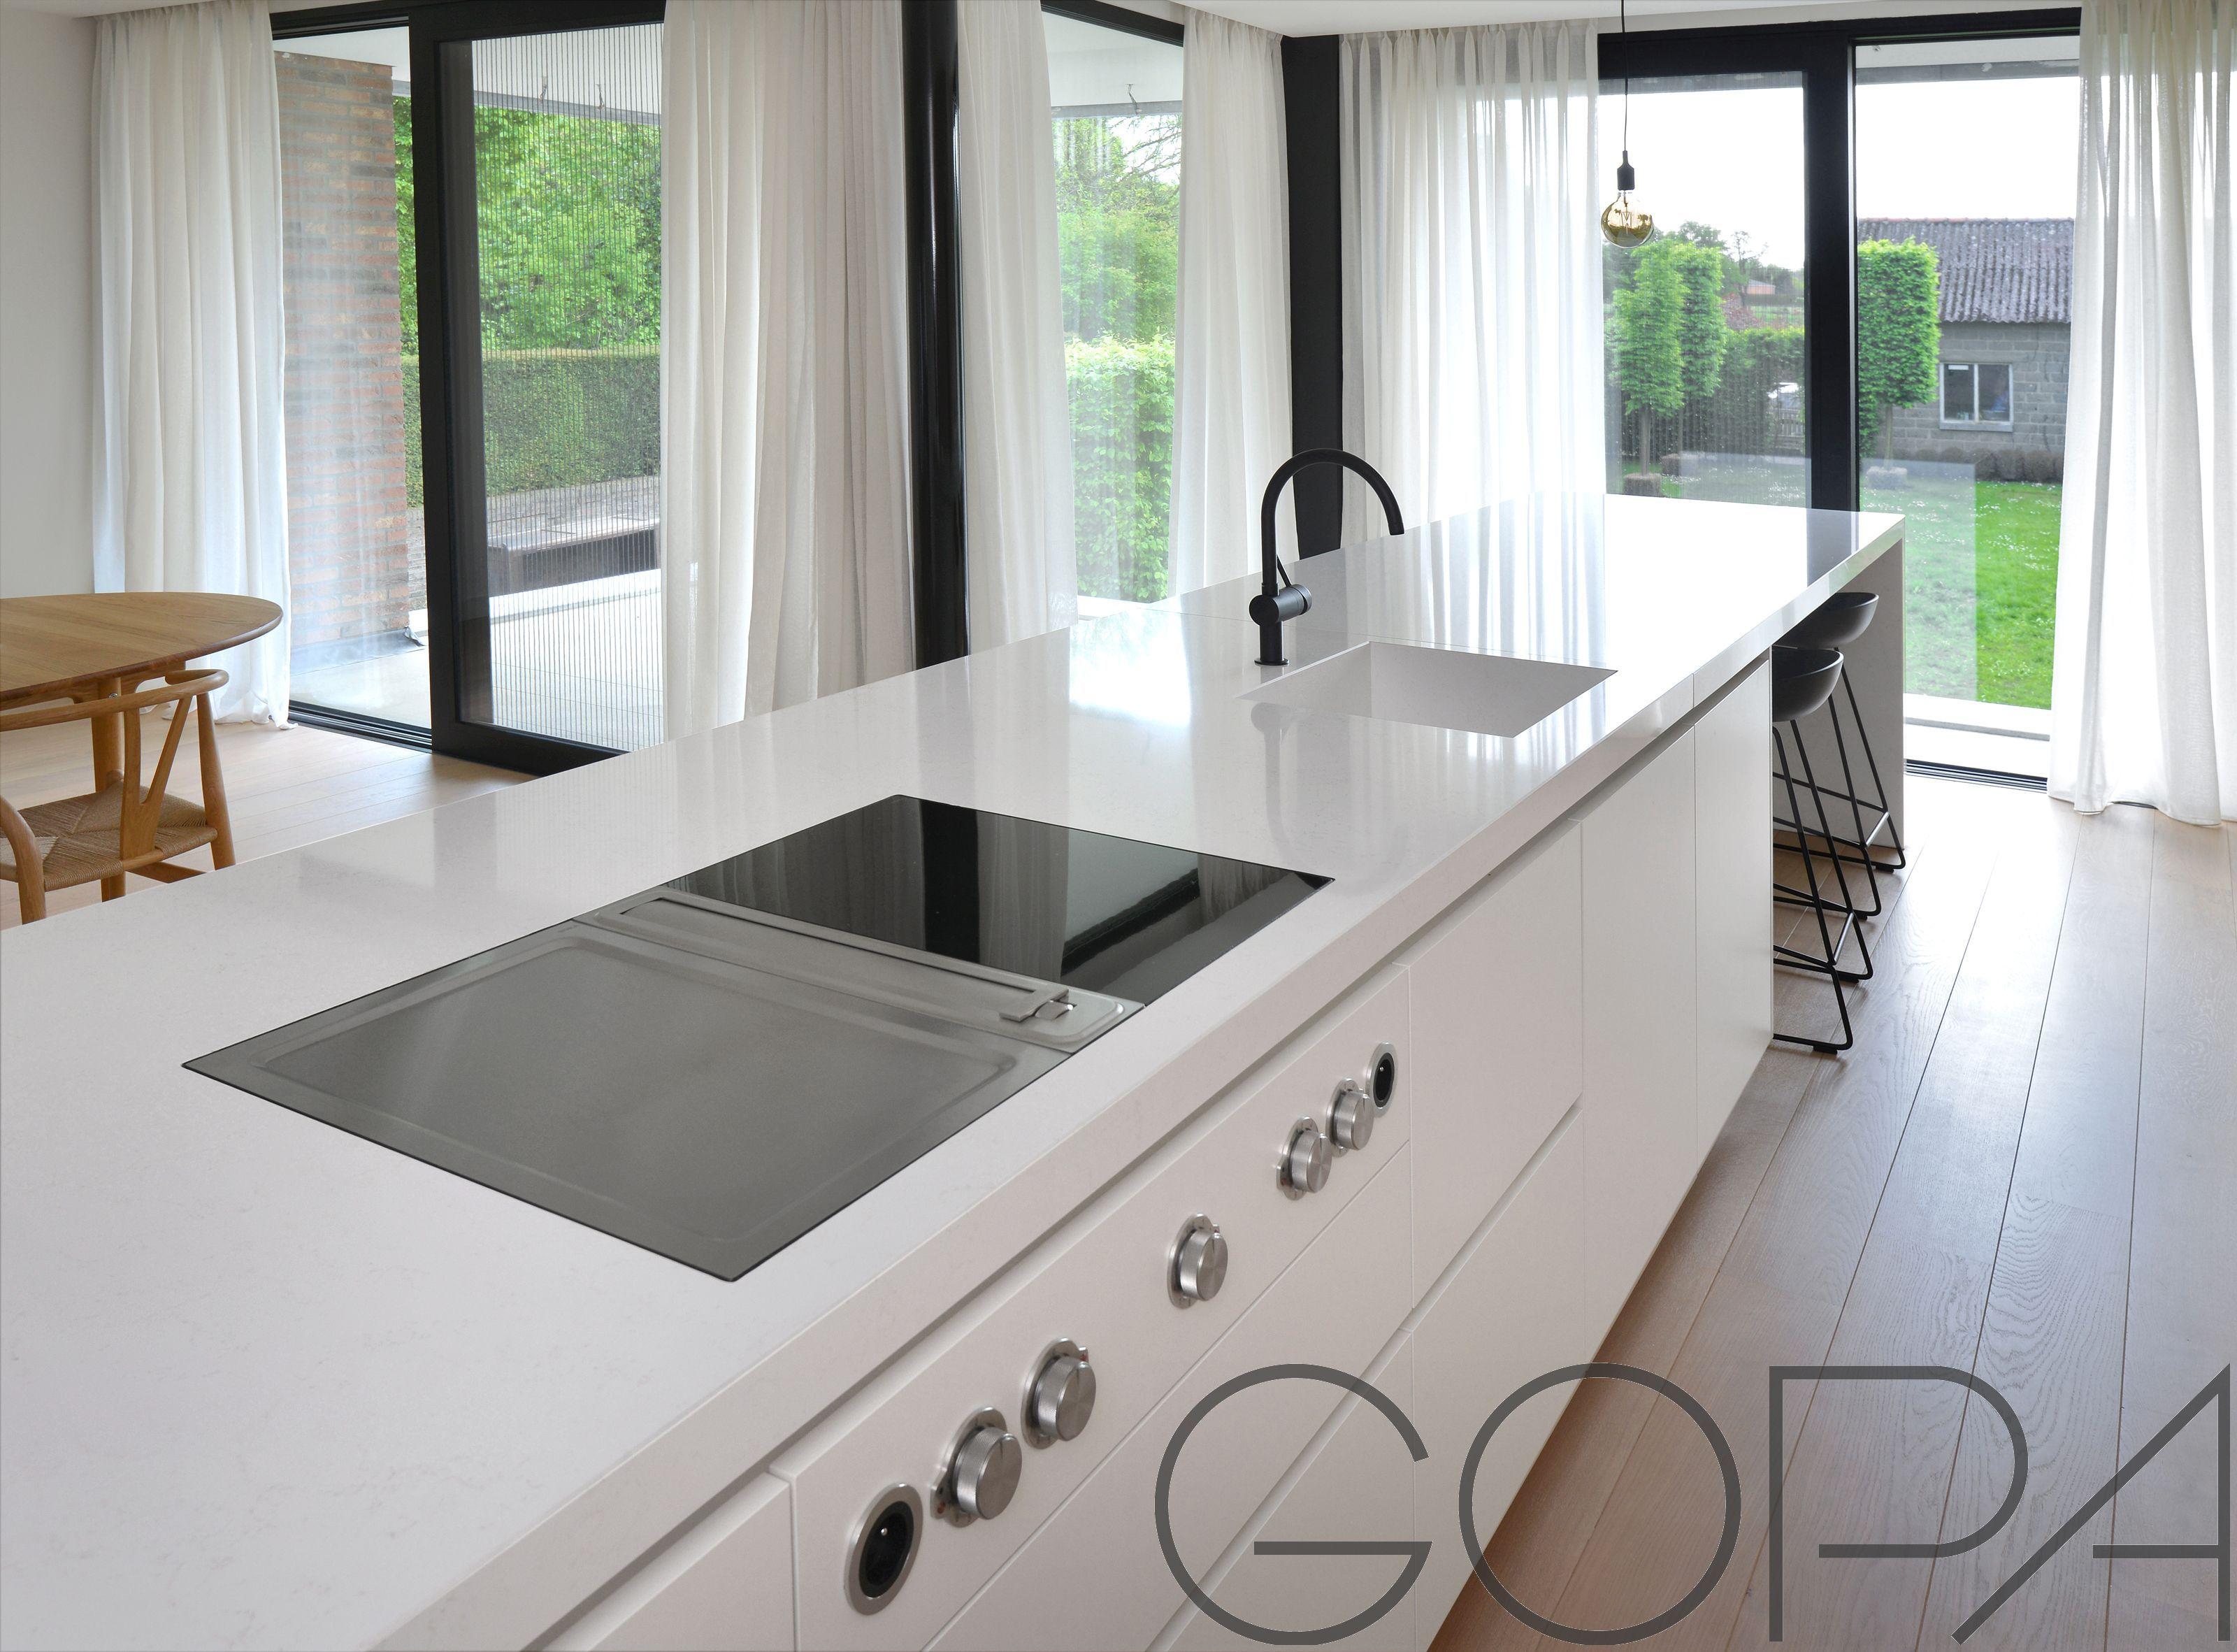 Kookeiland Op Vloerverwarming : Detail kookeiland met bora fornuis strakke keukens in 2018 pinterest